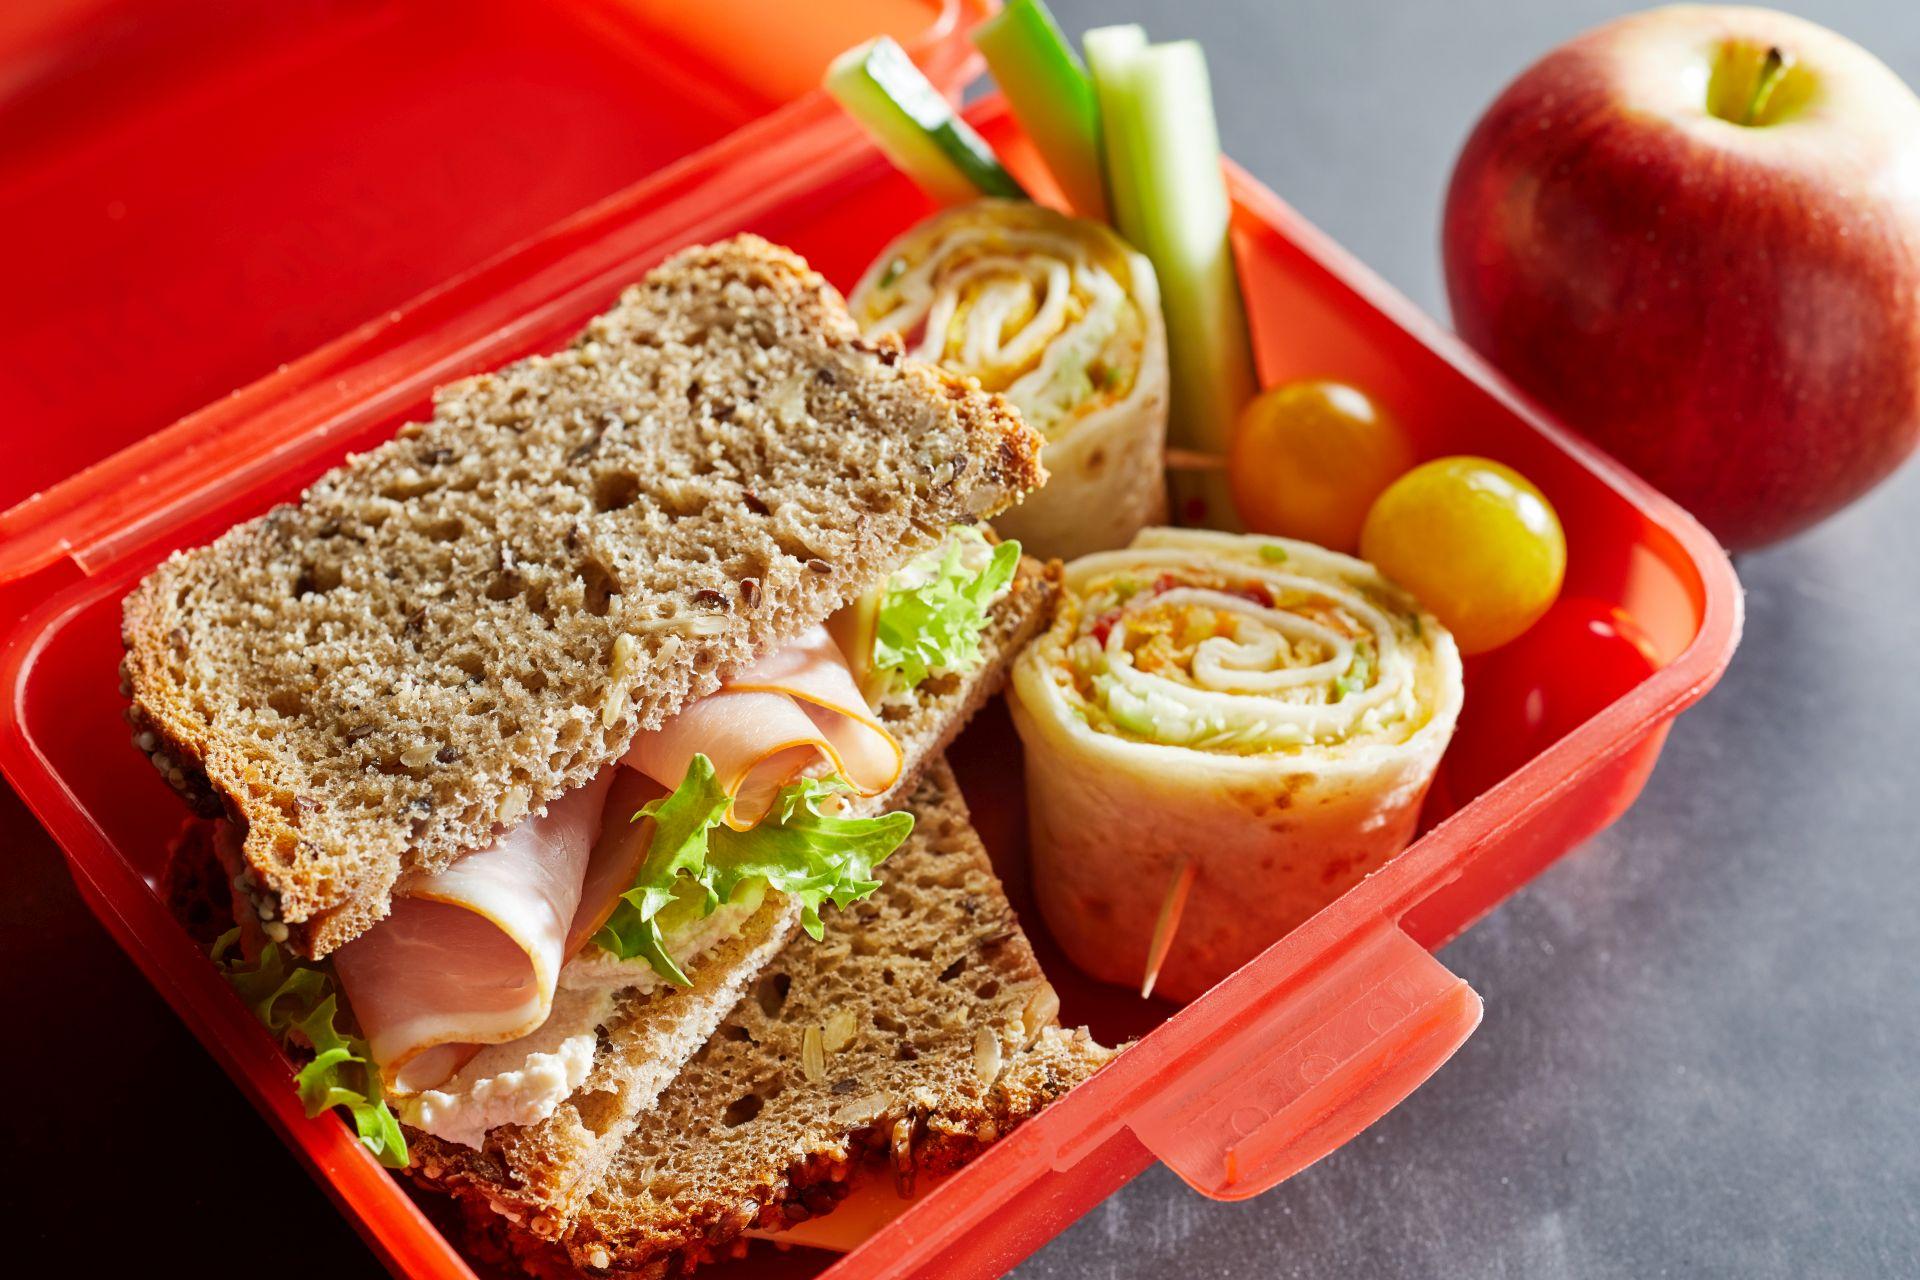 Co wybrać na lunch do szkoły? Zbilansowane posiłki do szkoły pozytywnie wpłyną na rozwój intelektualny dziecka, pamięć i koncentrację oraz wzrok.